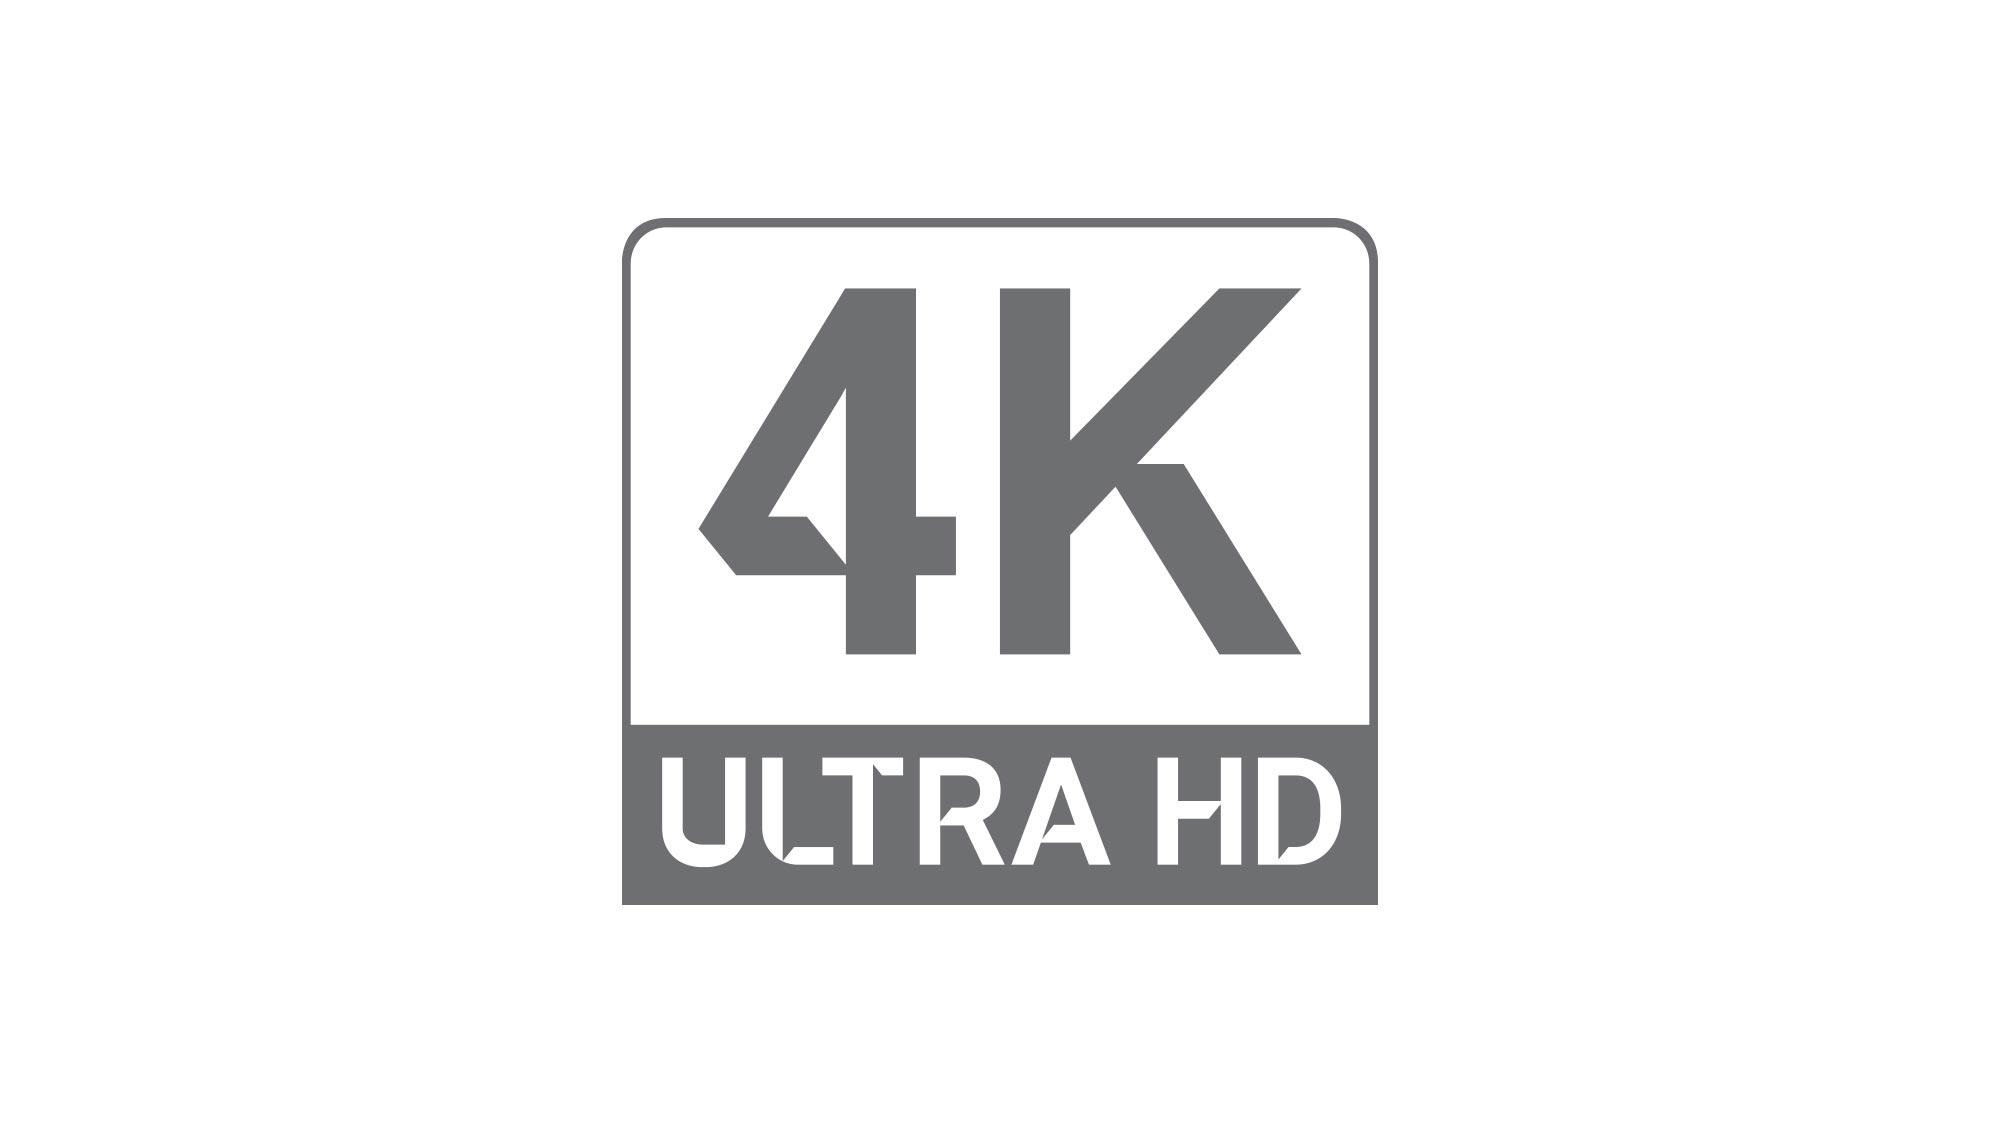 Usb C To Mini Displayport Adapter